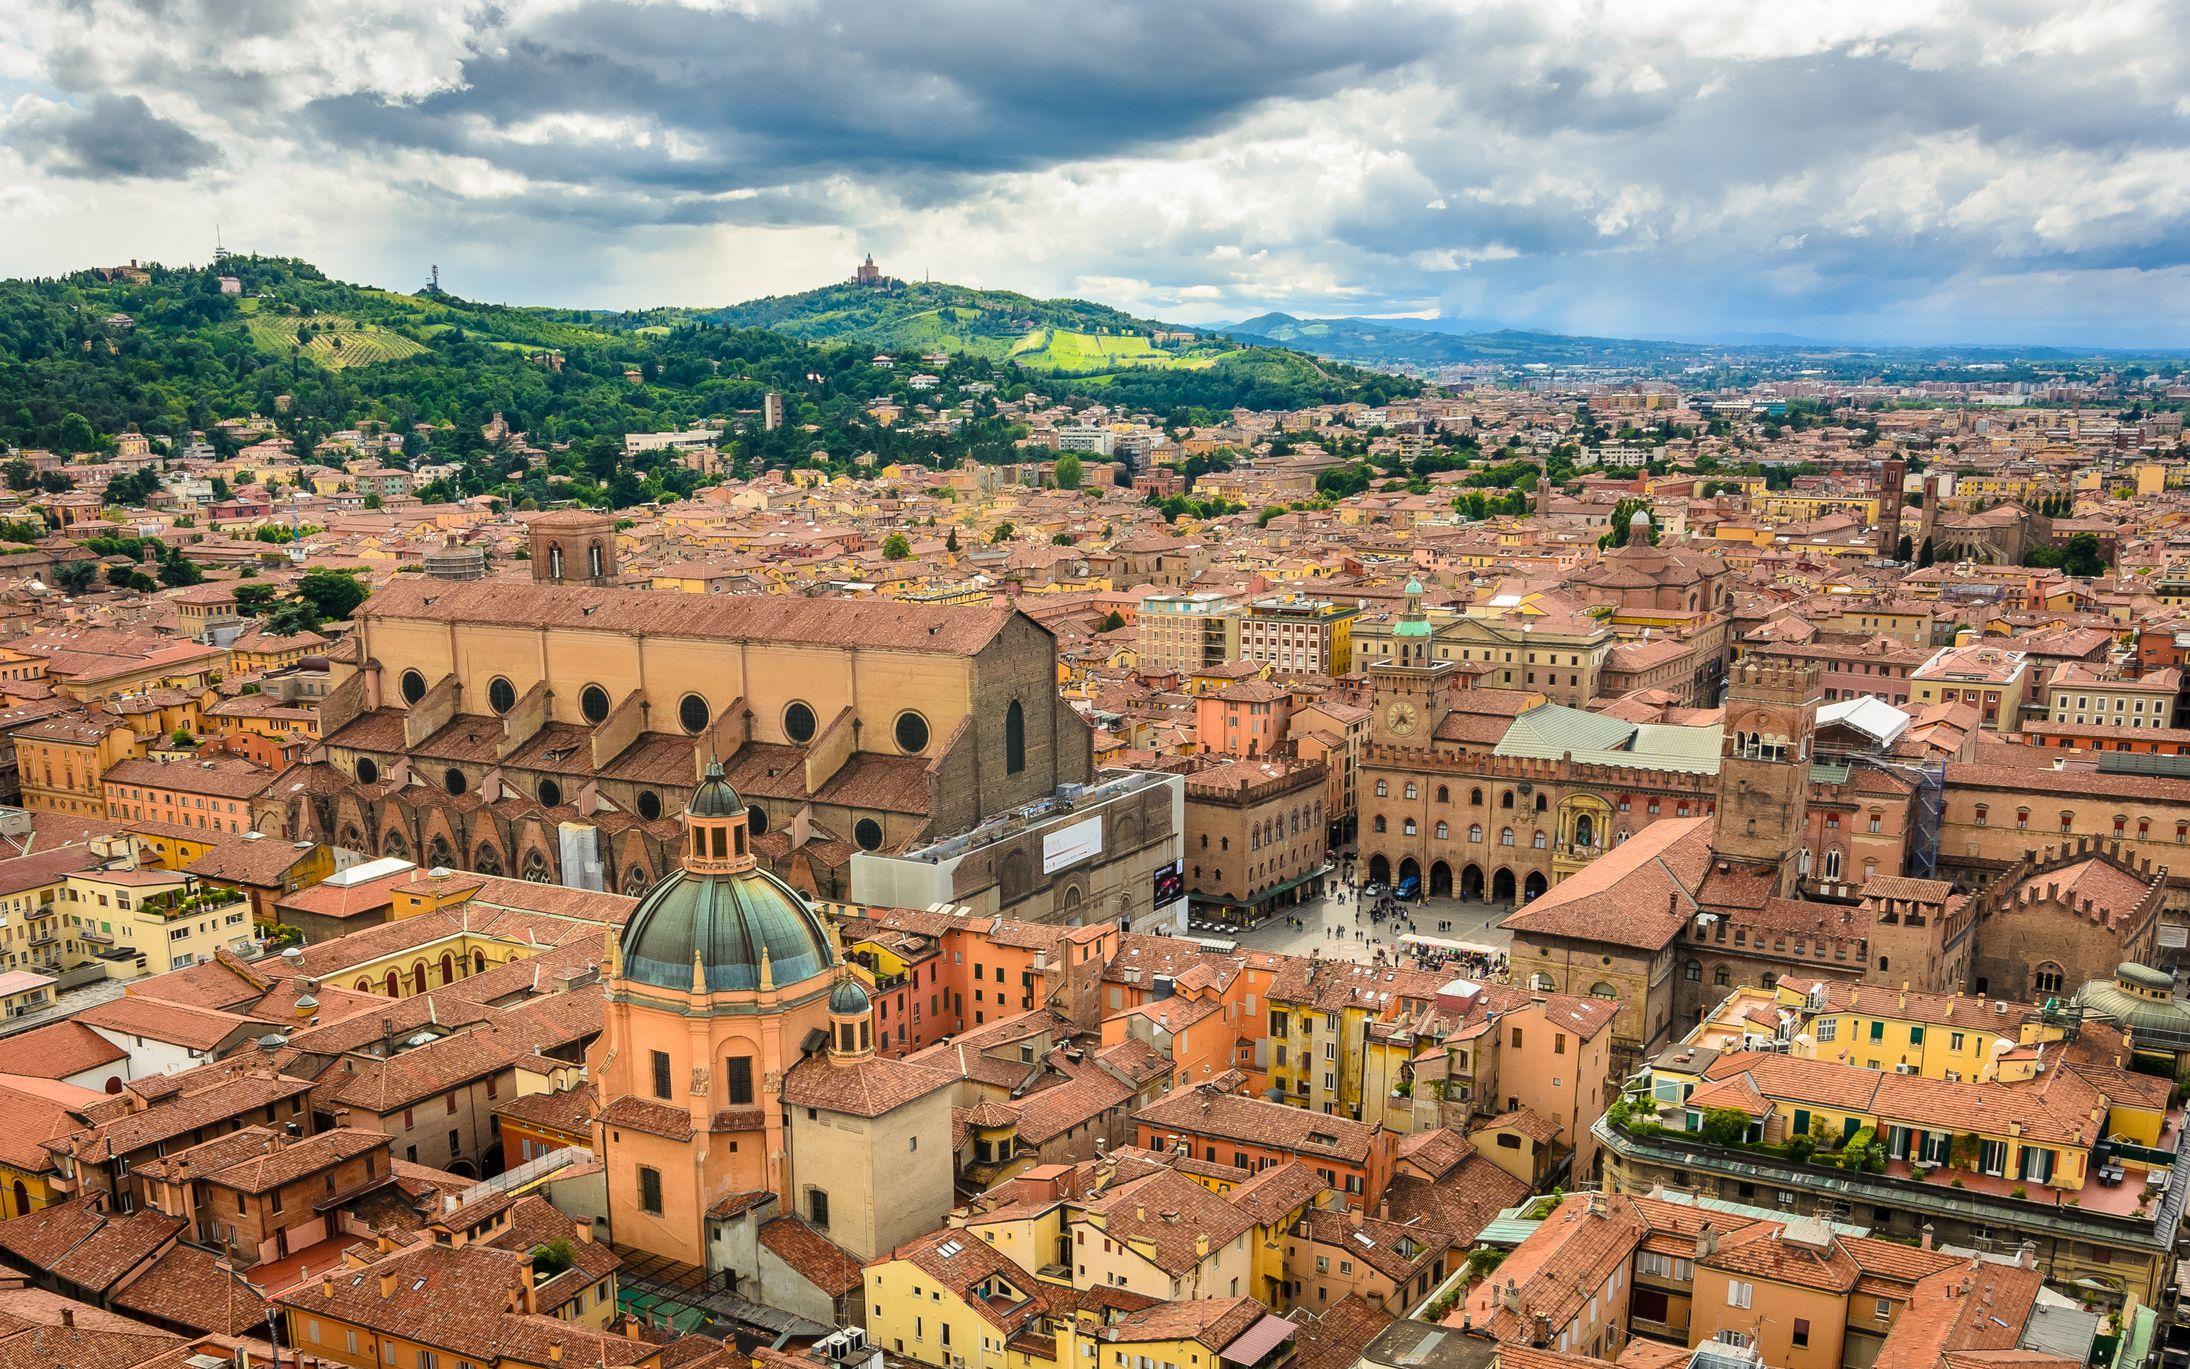 una vista aérea de los tejados de color naranja y rojo en la ciudad de Bolonia